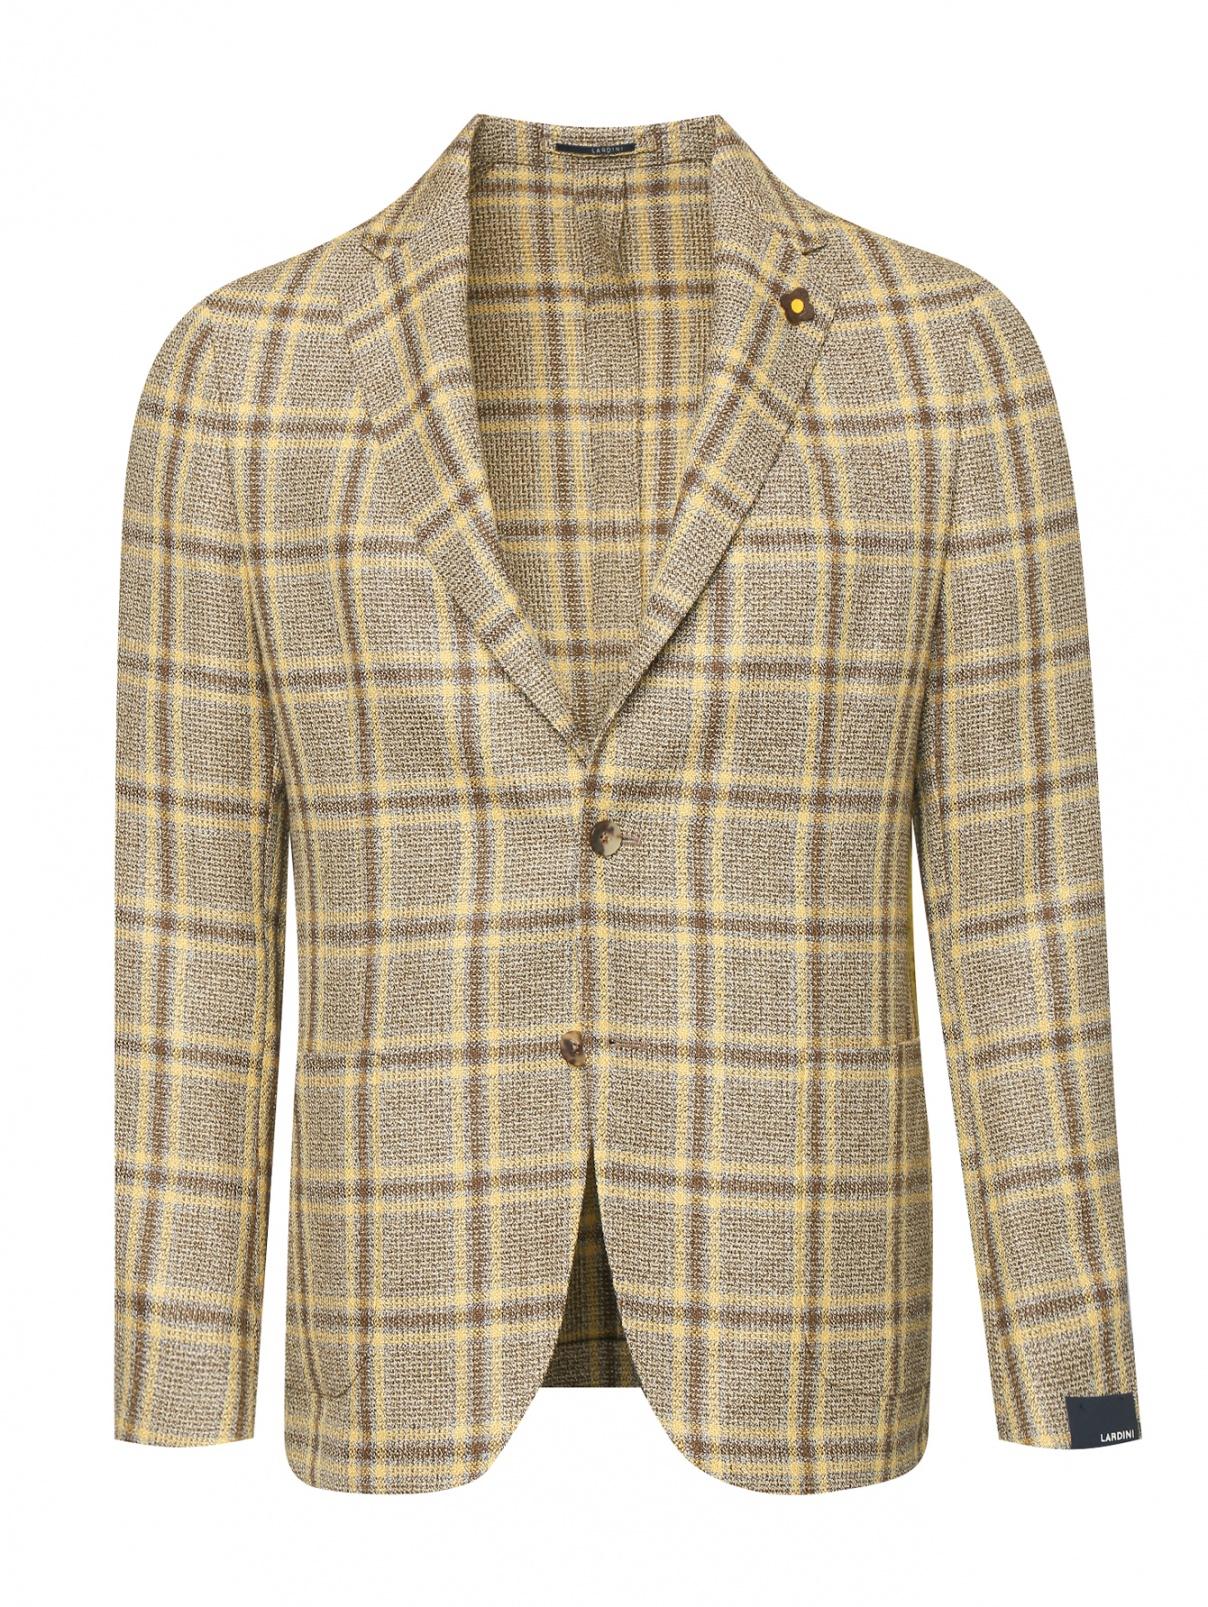 Пиджак из шерсти и льна с узором клетка LARDINI  –  Общий вид